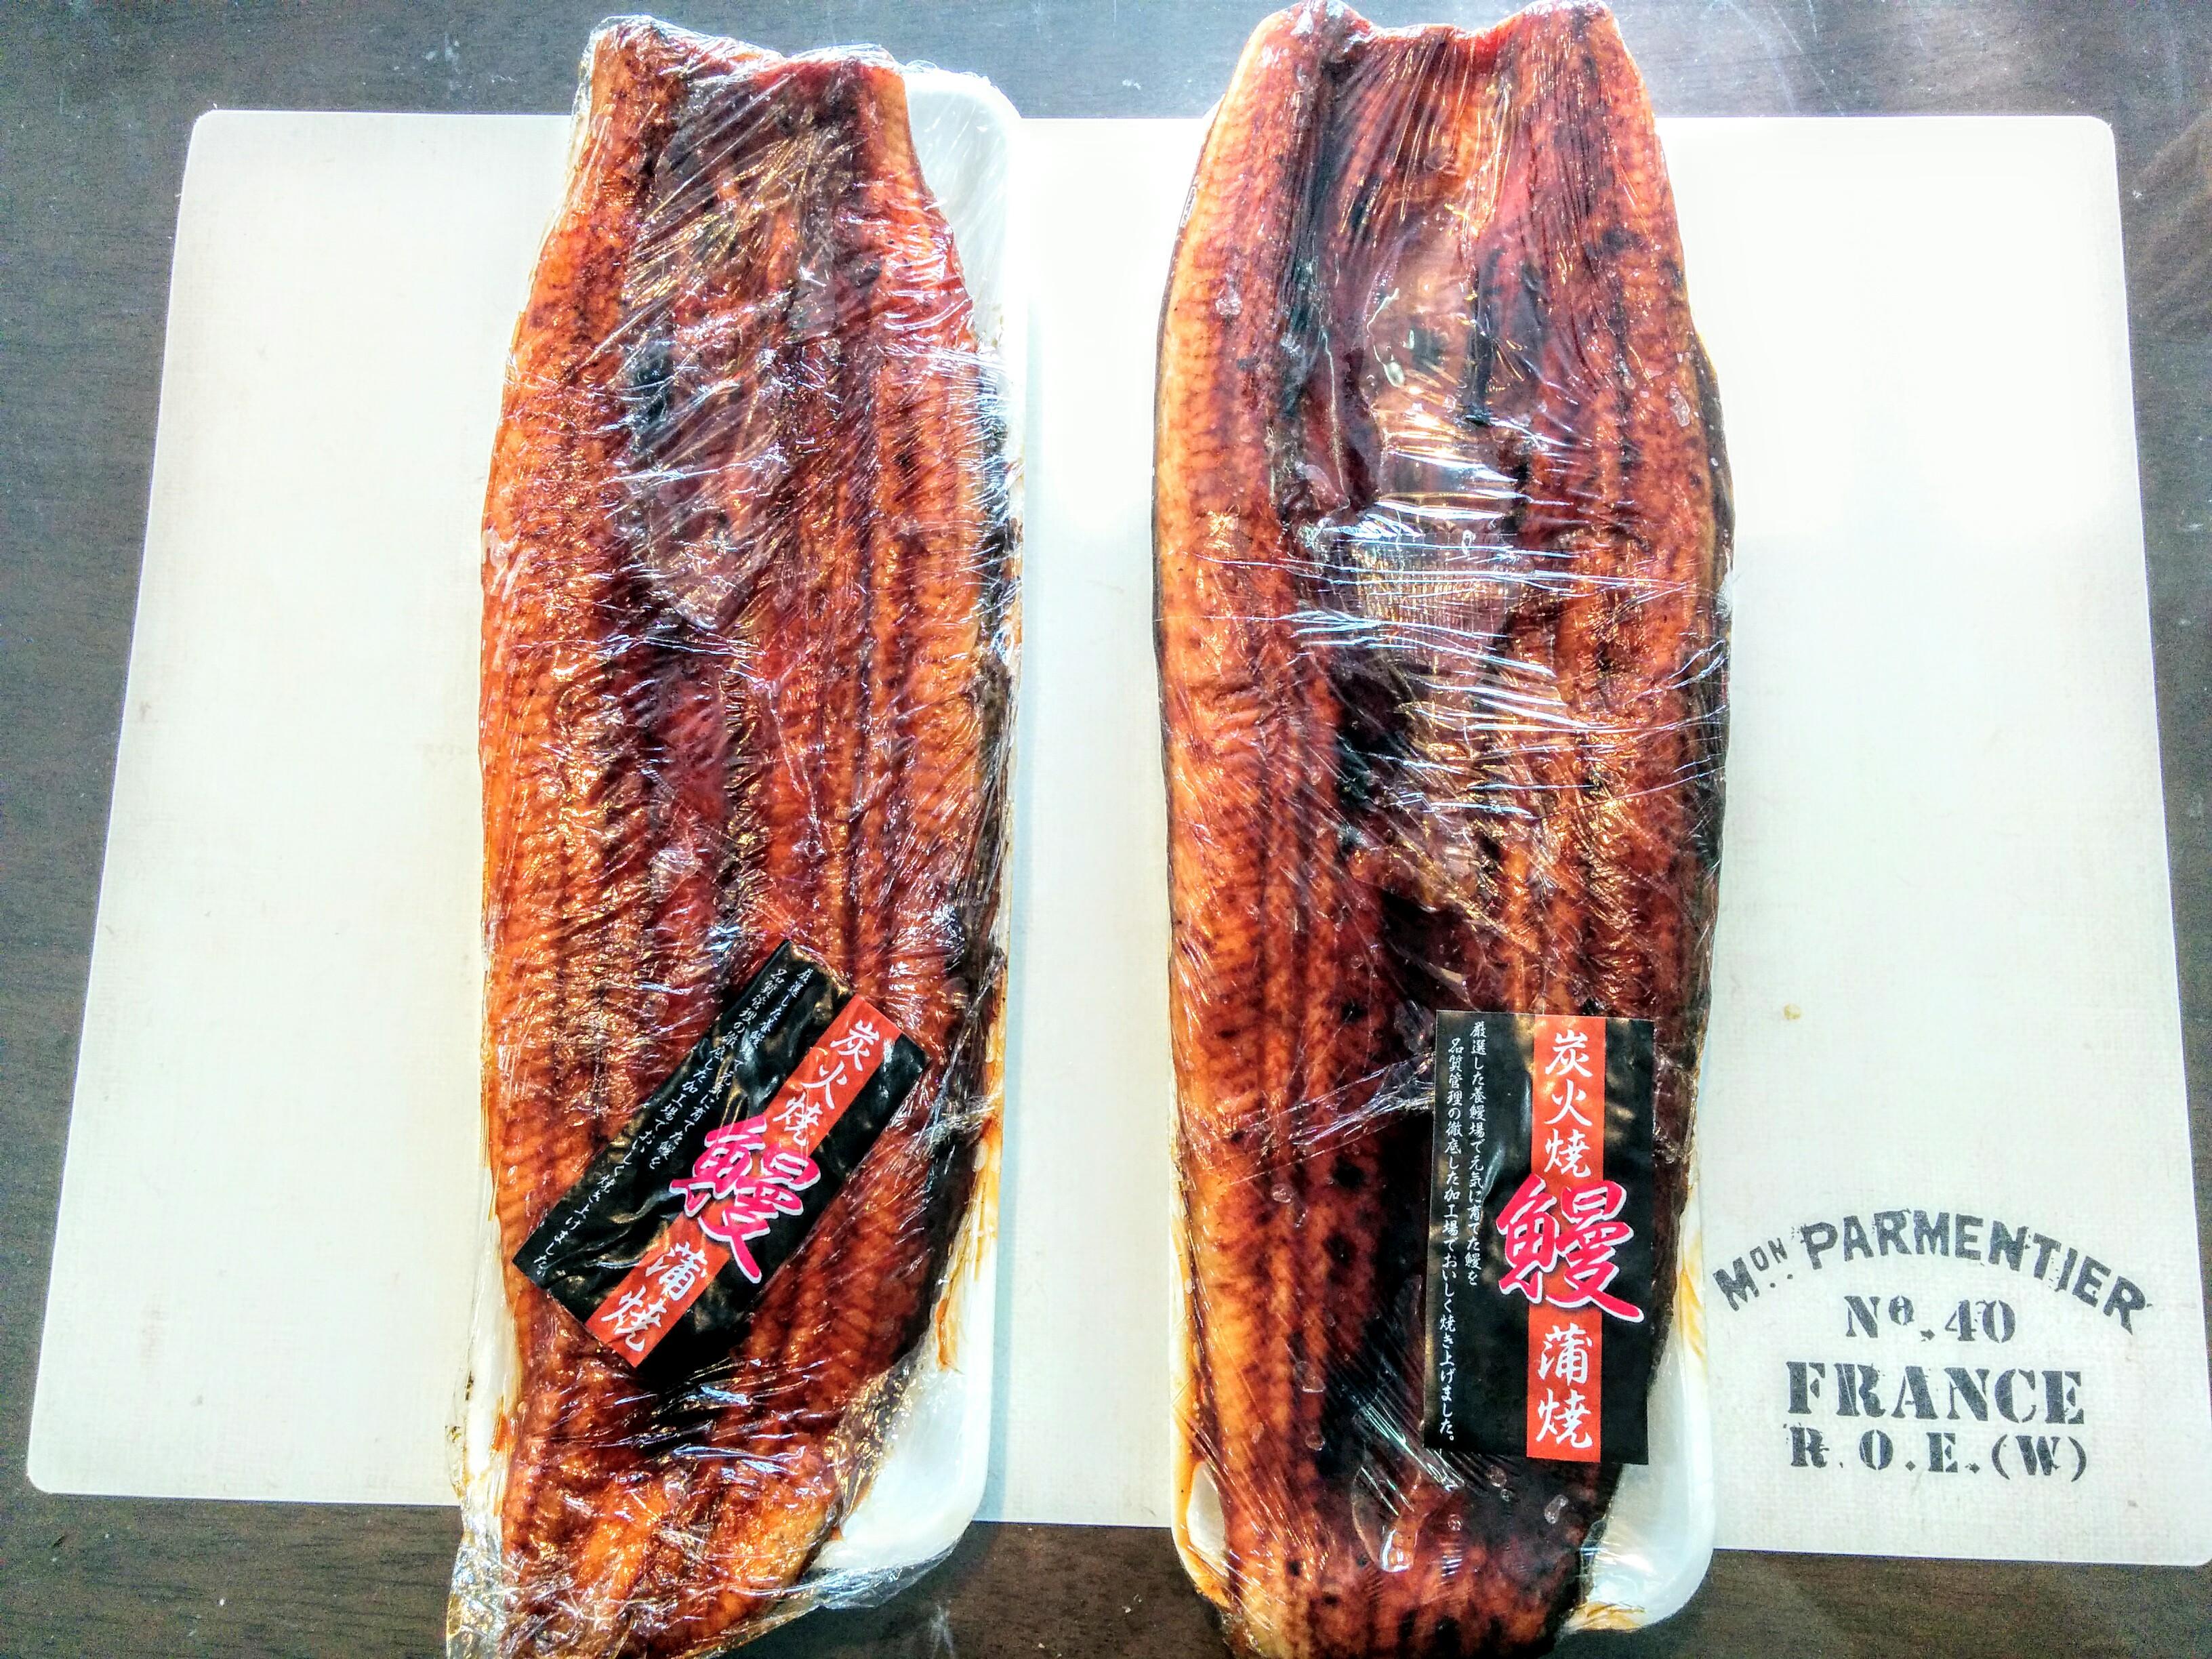 【小樽】なんたる市場で鰻2尾購入しました。